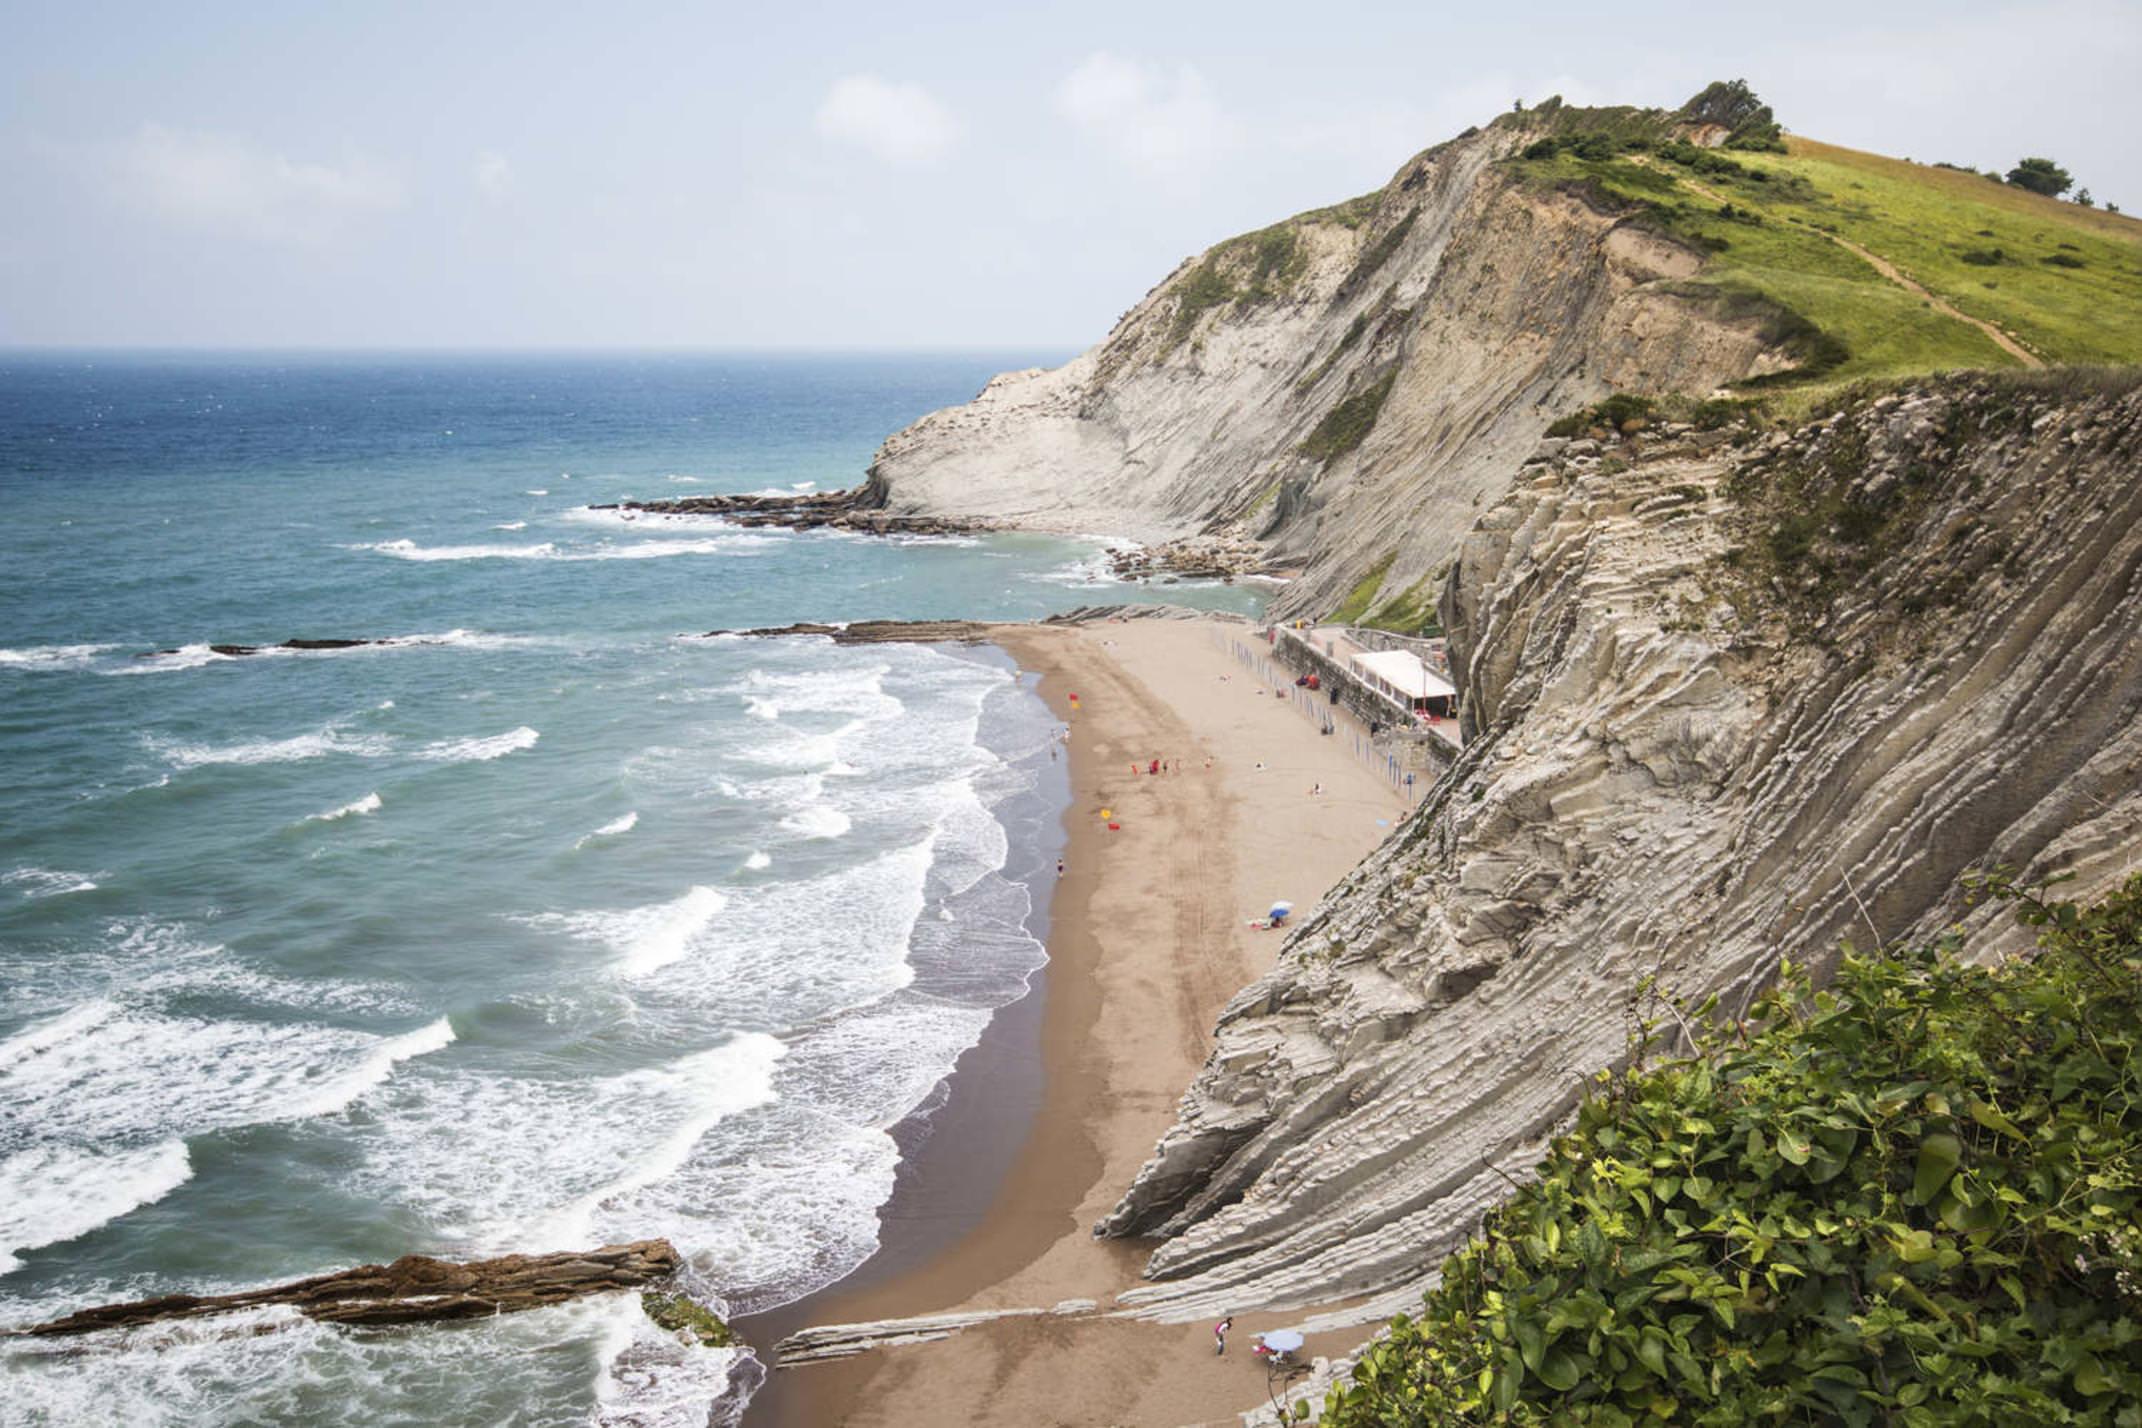 Spain basque country beach in coast basque near san telmo hermitage zumaia